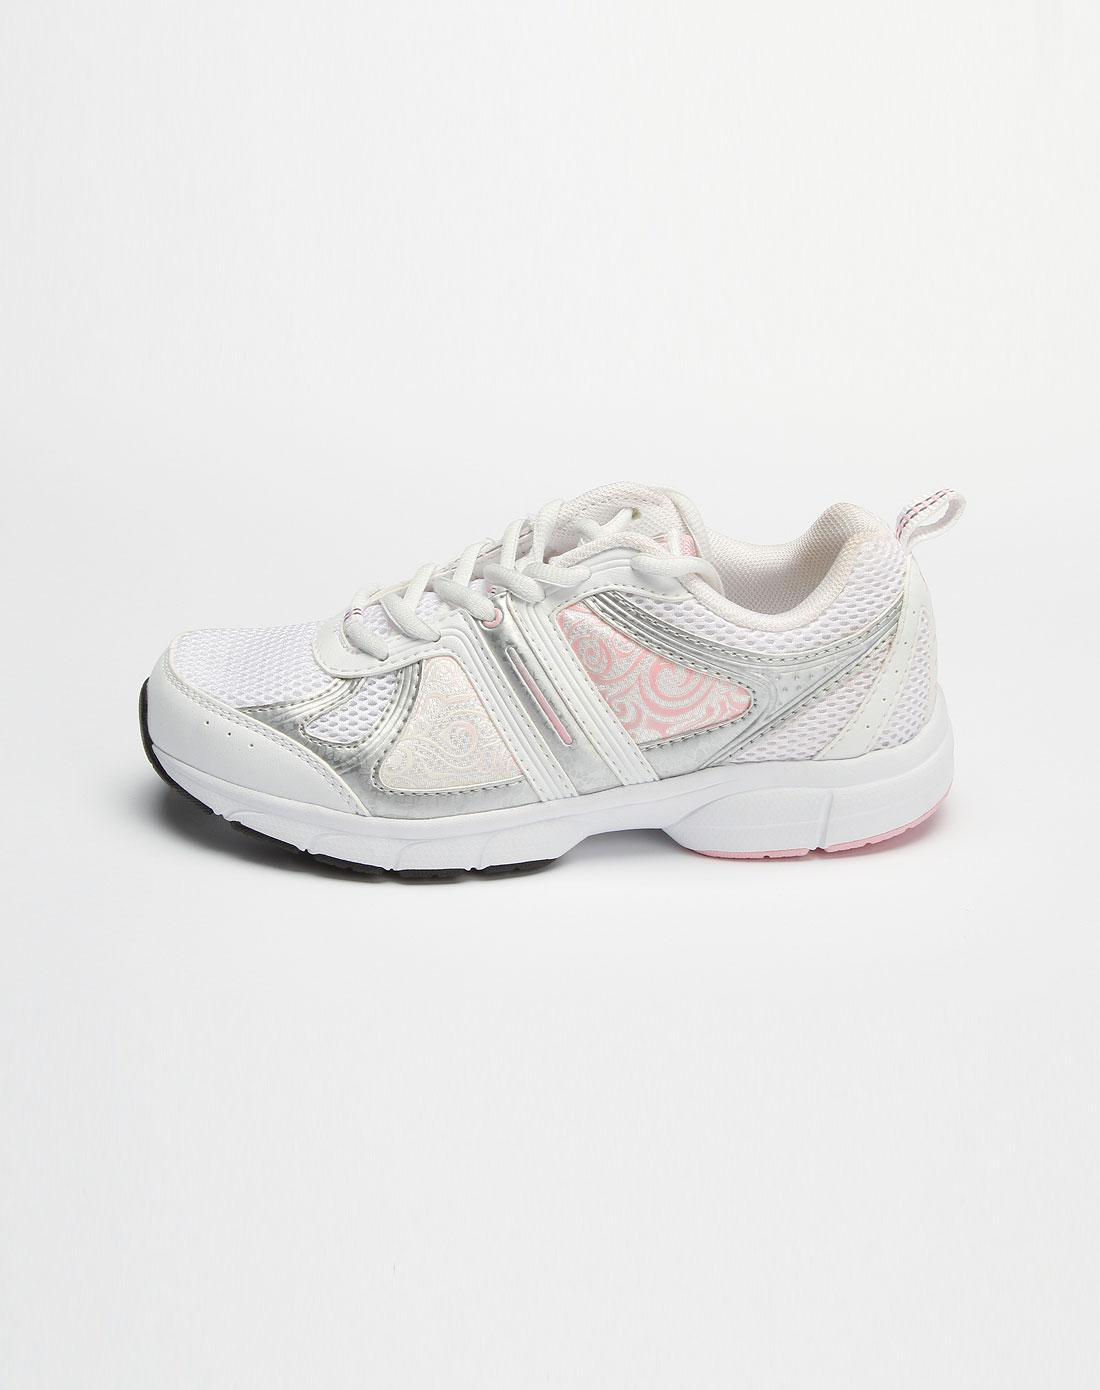 361° 女款白/粉红色网面绑绳运动鞋